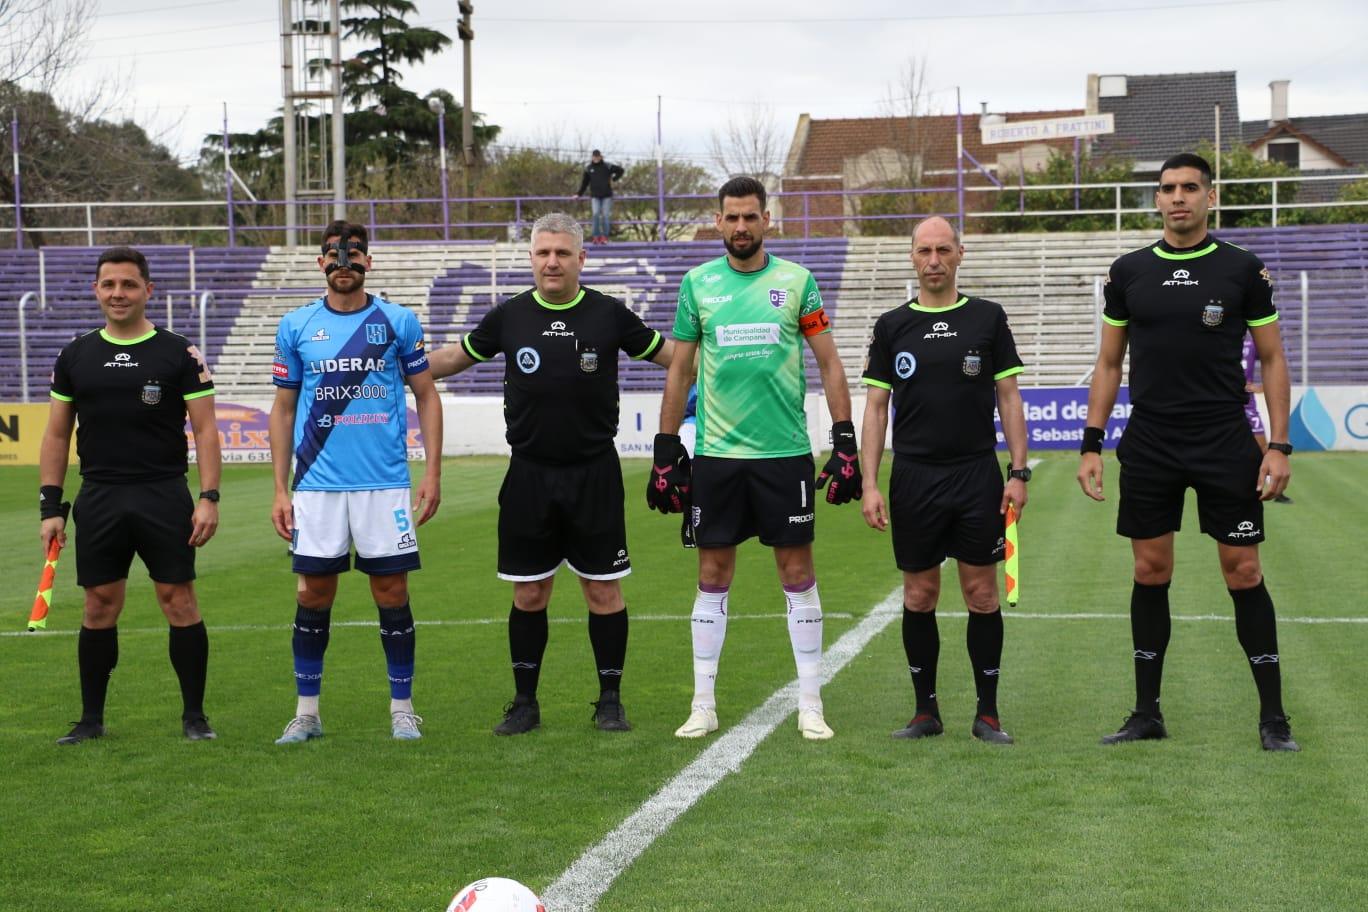 Lee más sobre el artículo Francisco Nouet, gol y expulsión en un partidazo. Joaquín Gil estuvo de cuarto árbitro